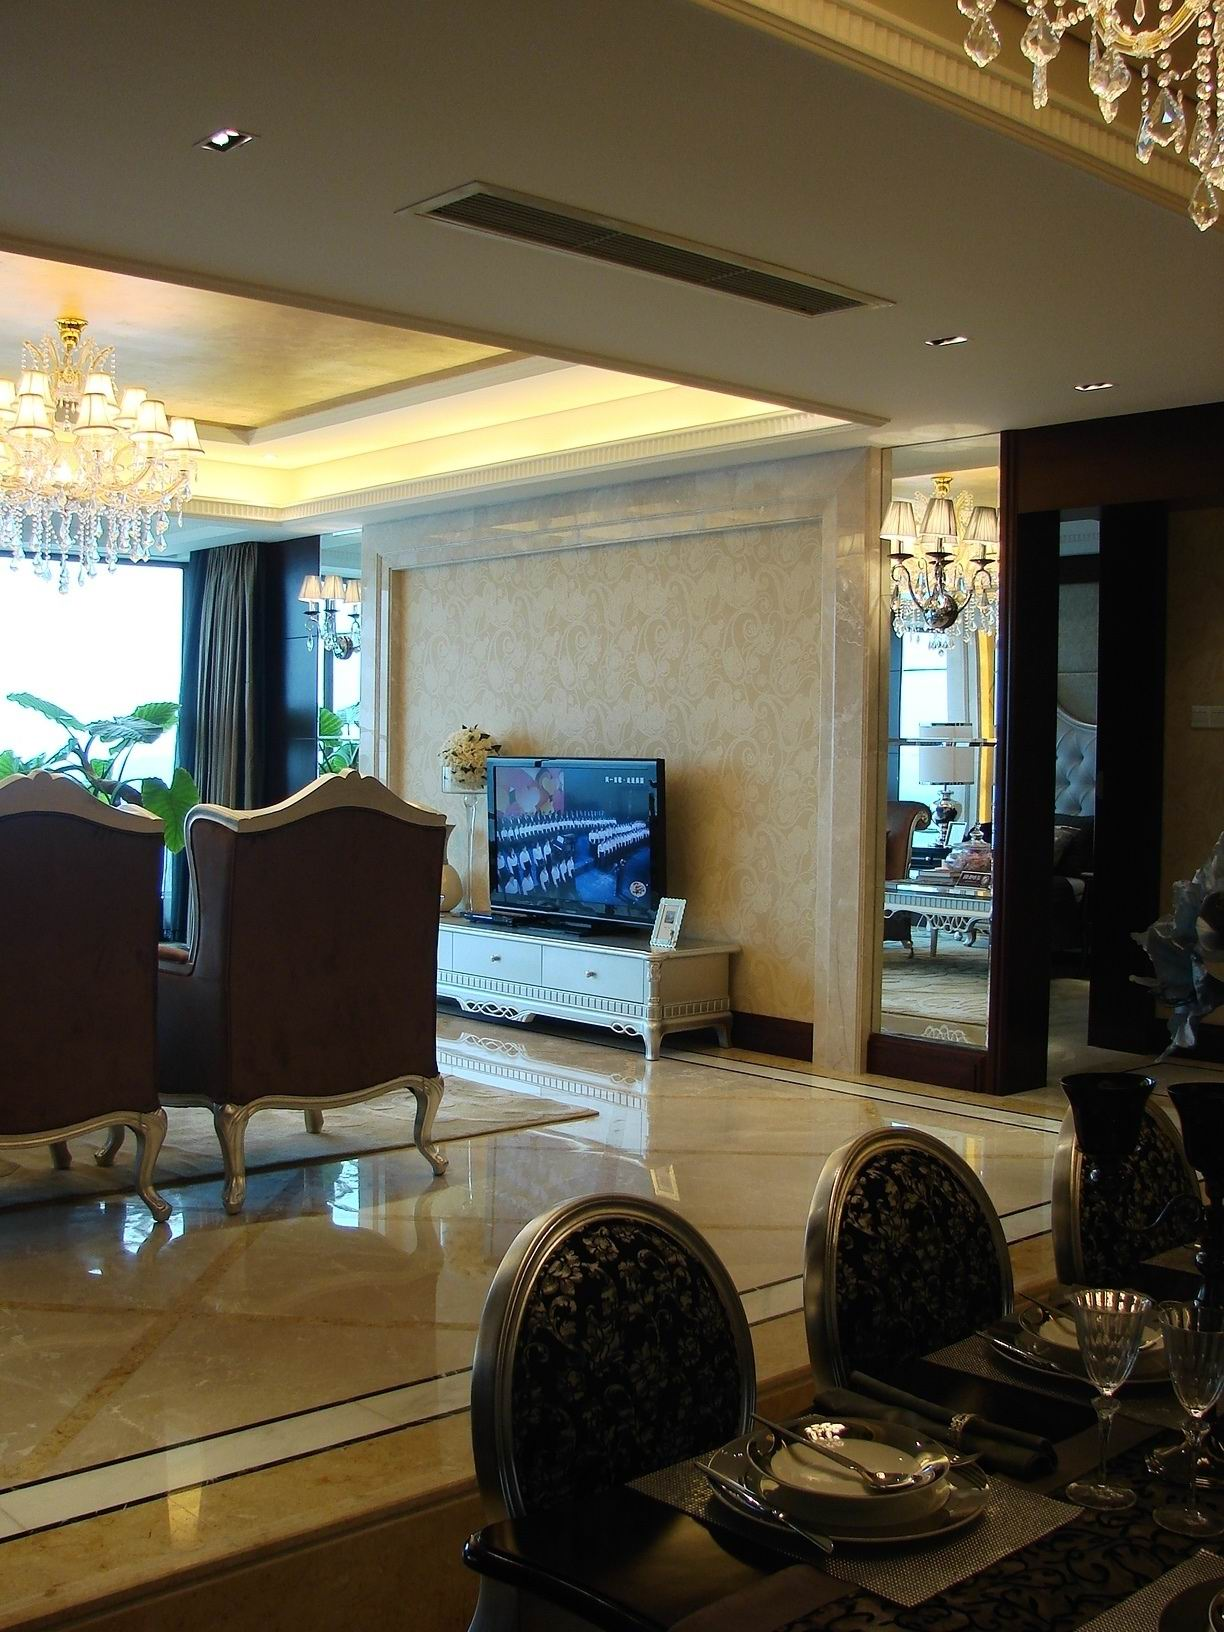 欧式 四室两厅 四居 欧式样板间 客厅图片来自超凡装饰季国华在典雅大气欧式风格样板间的分享